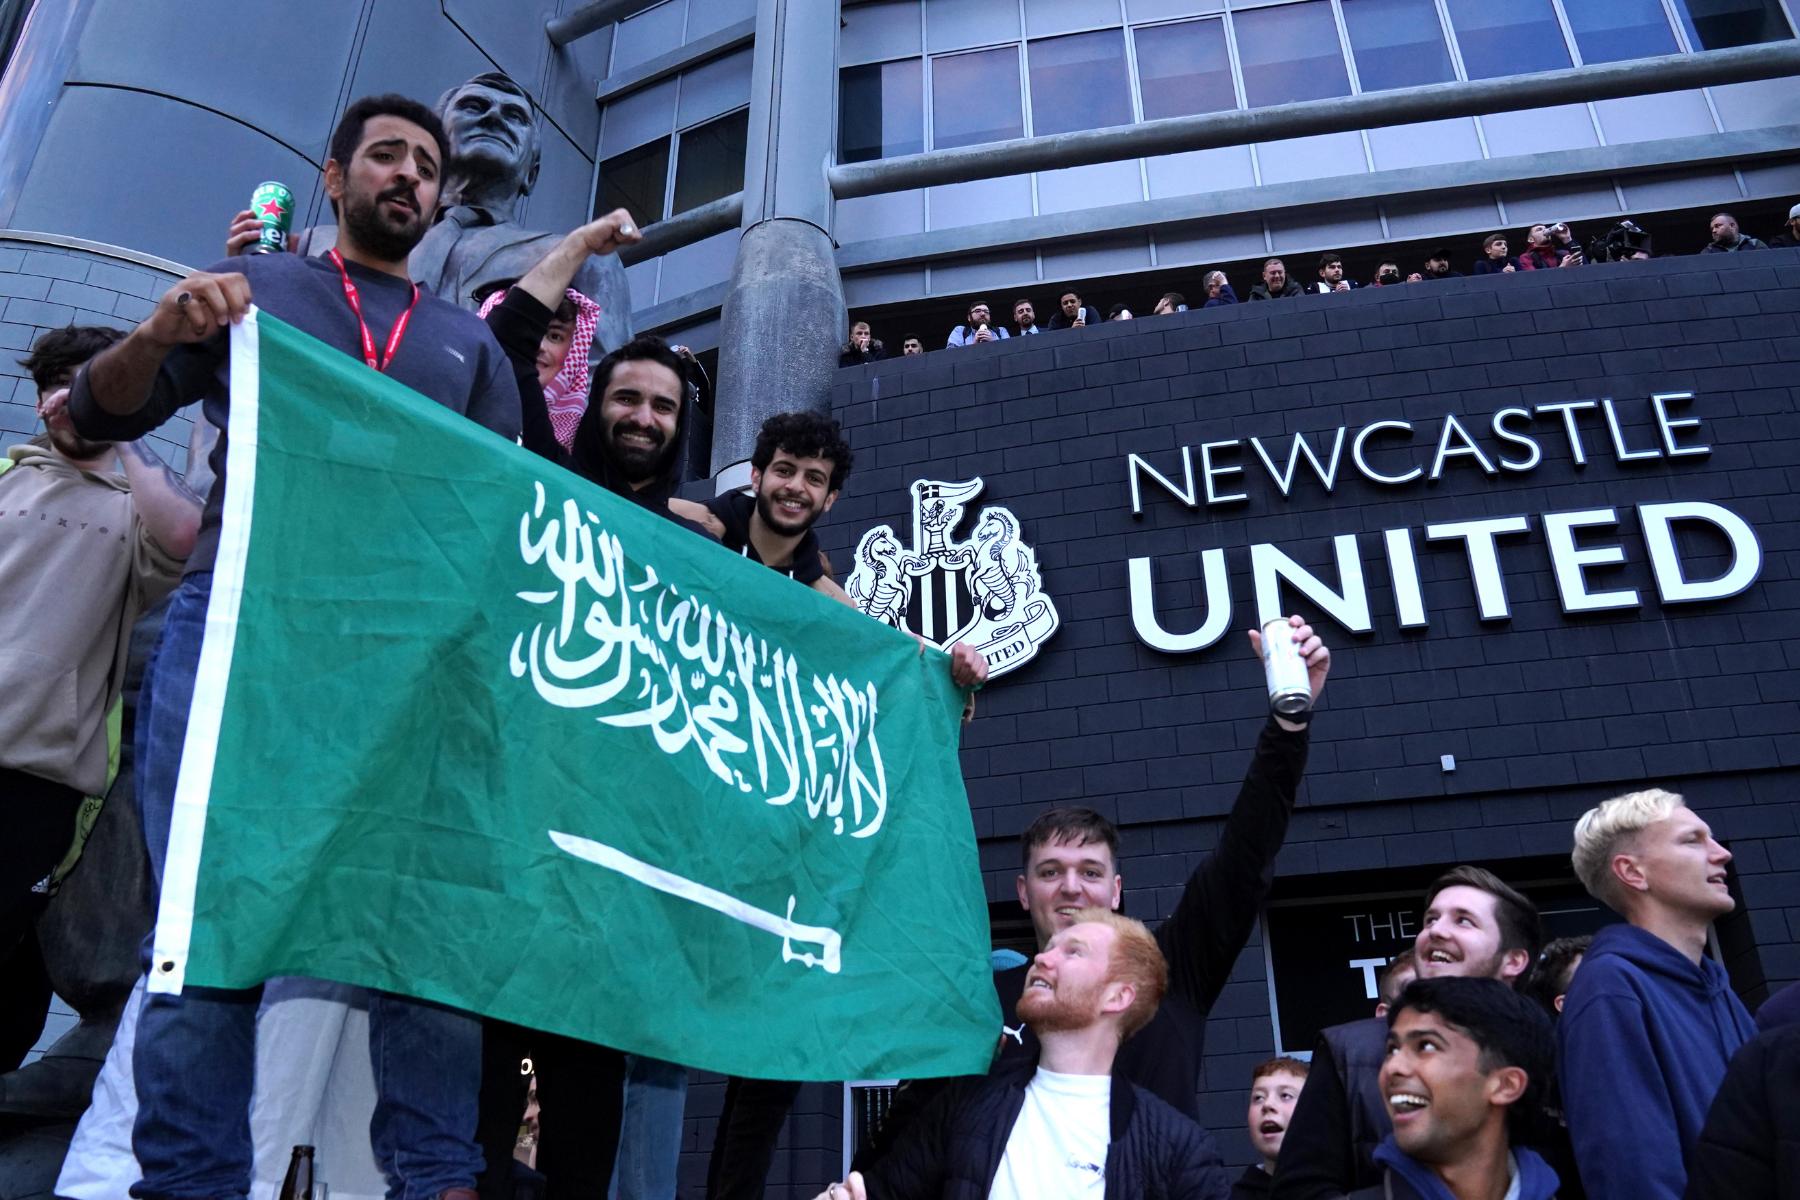 La adquisición de Newcastle es solo el último ejemplo de 'lavado deportivo': debe detenerse, y pronto